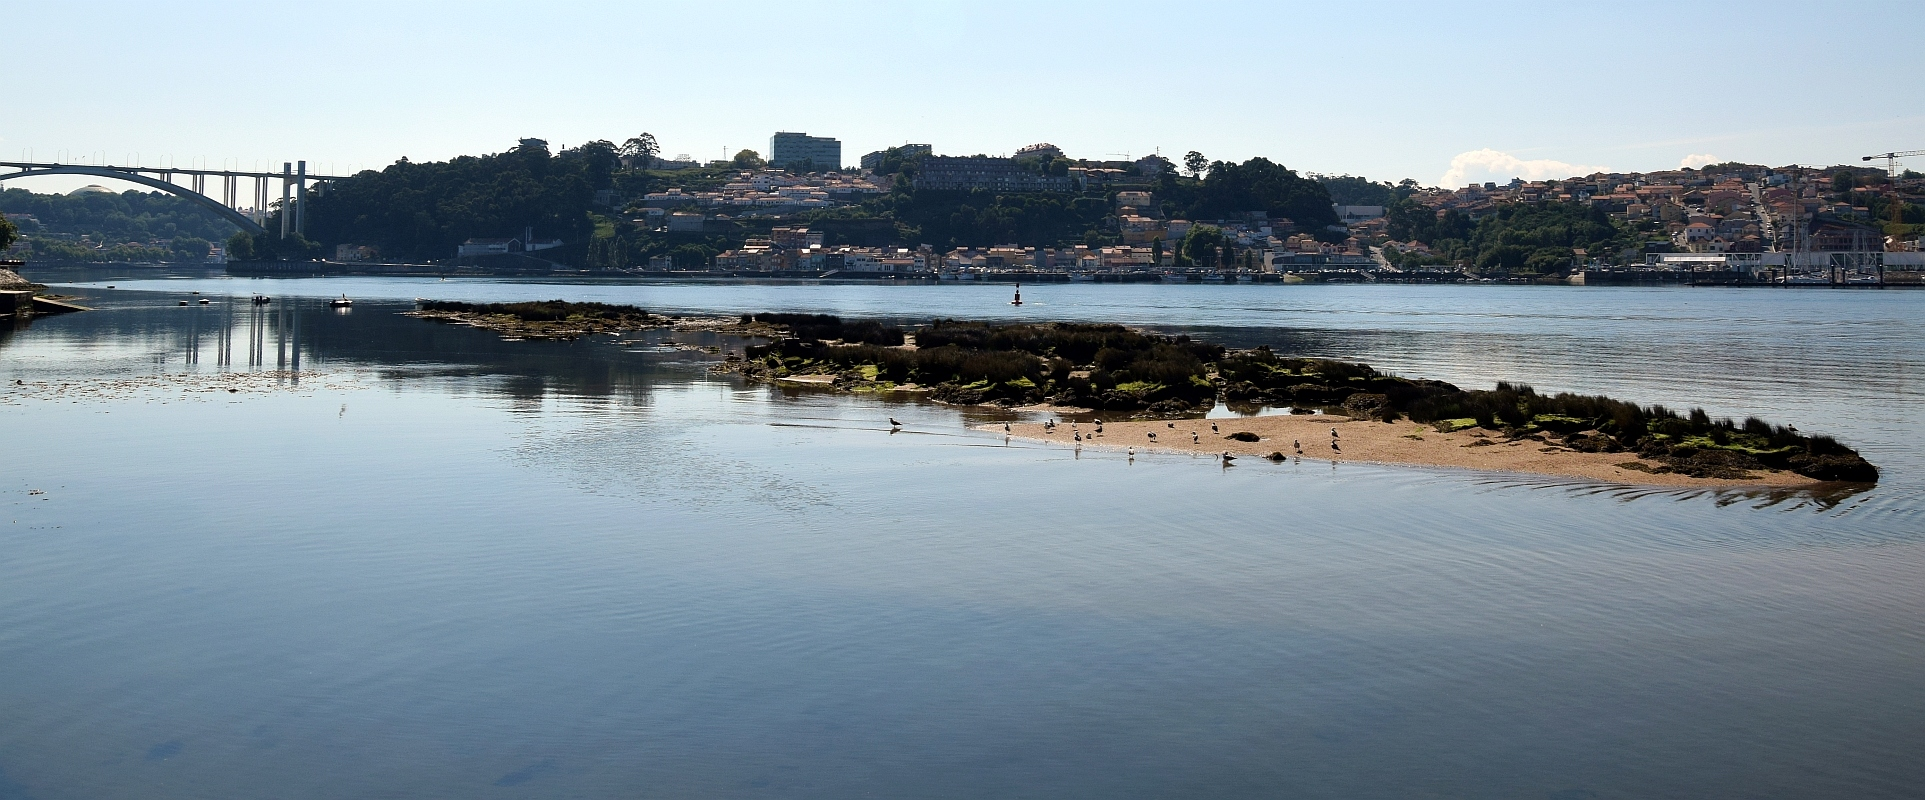 Paisagem Natural/A ilha do frade  (Abra a imagem p.f.)